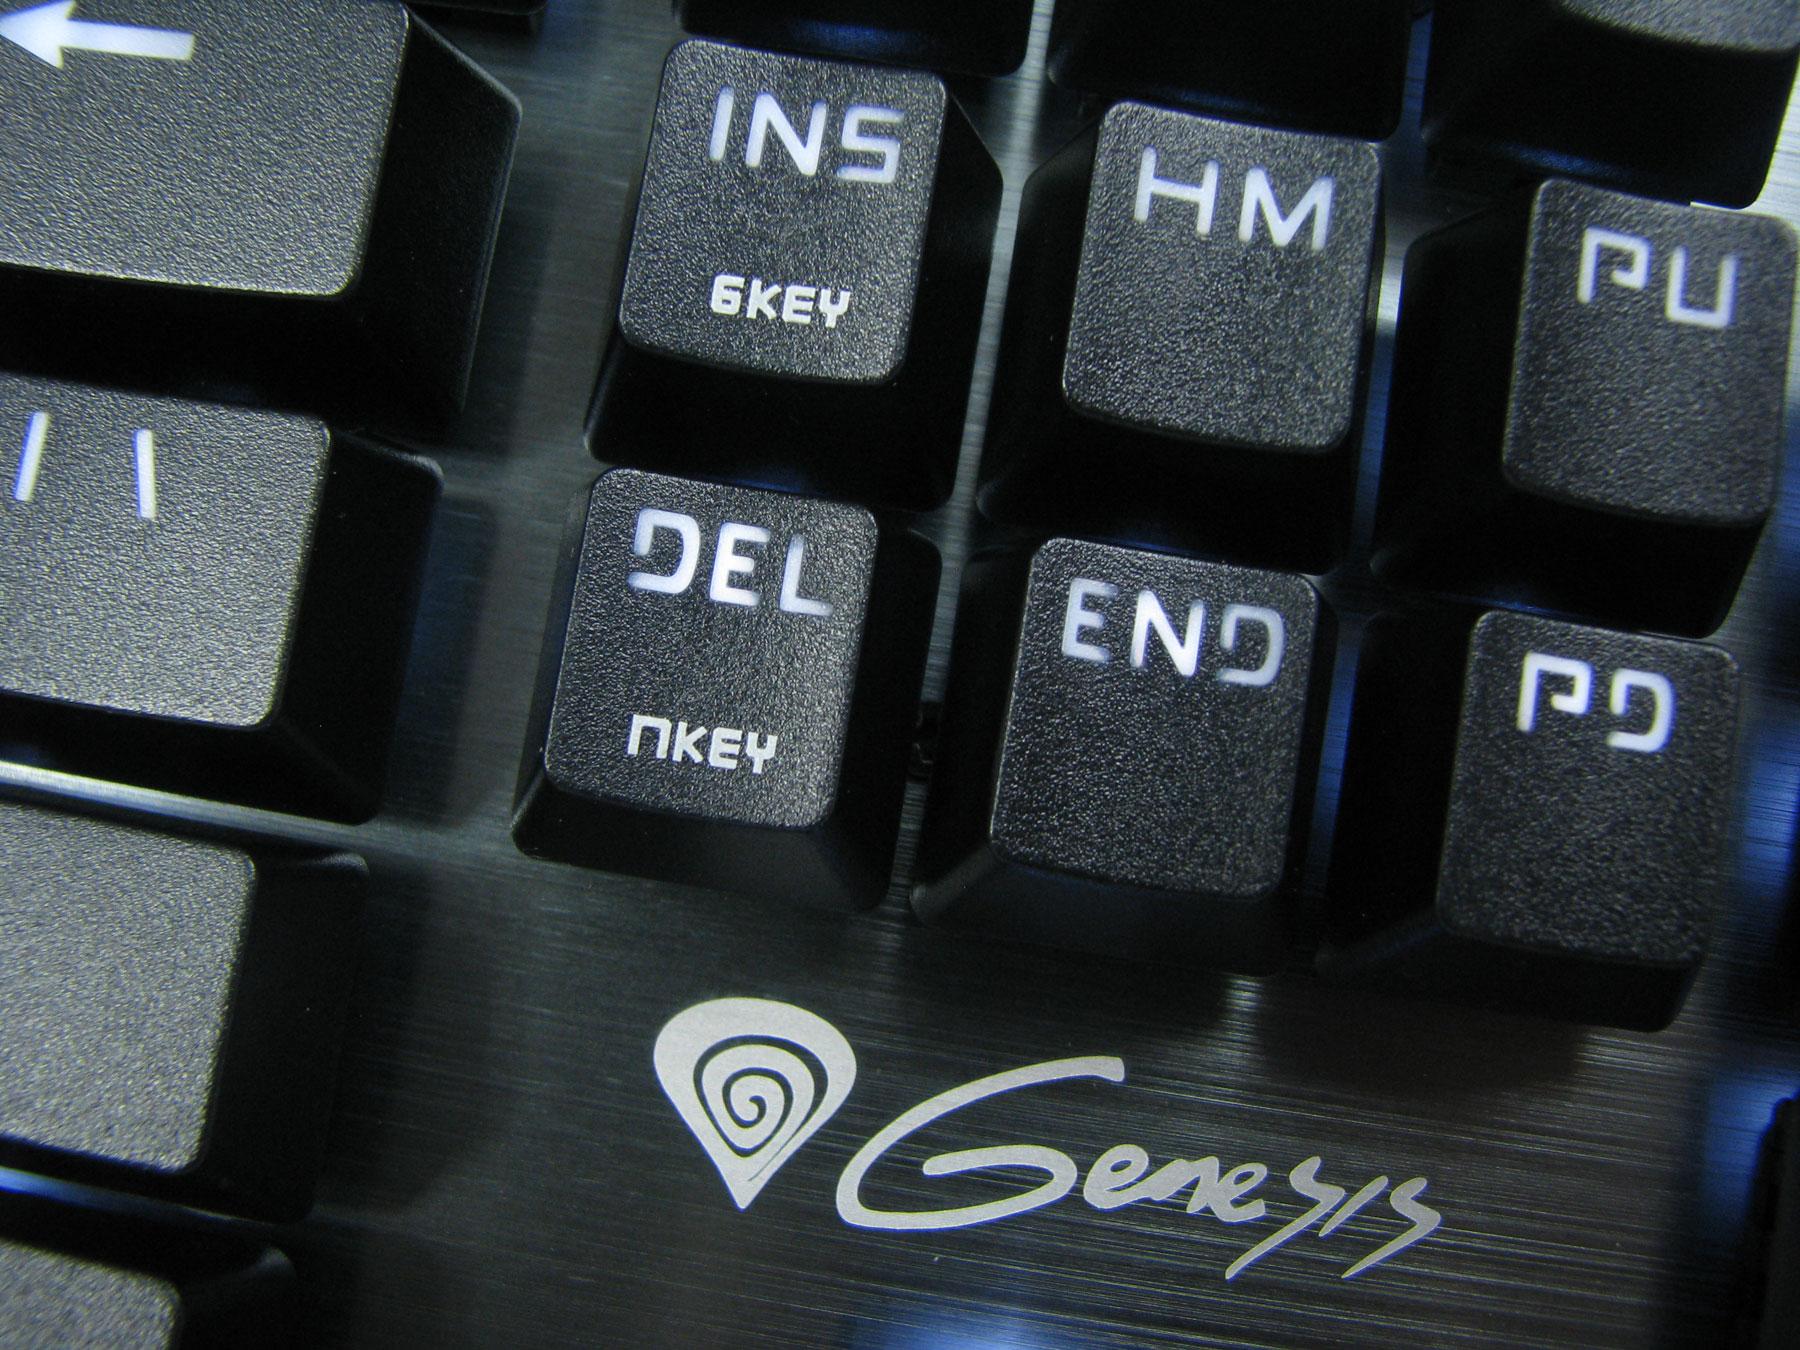 Natec Genesis RX85 w zasadzie mógłby posiadać jedynie NKEY.